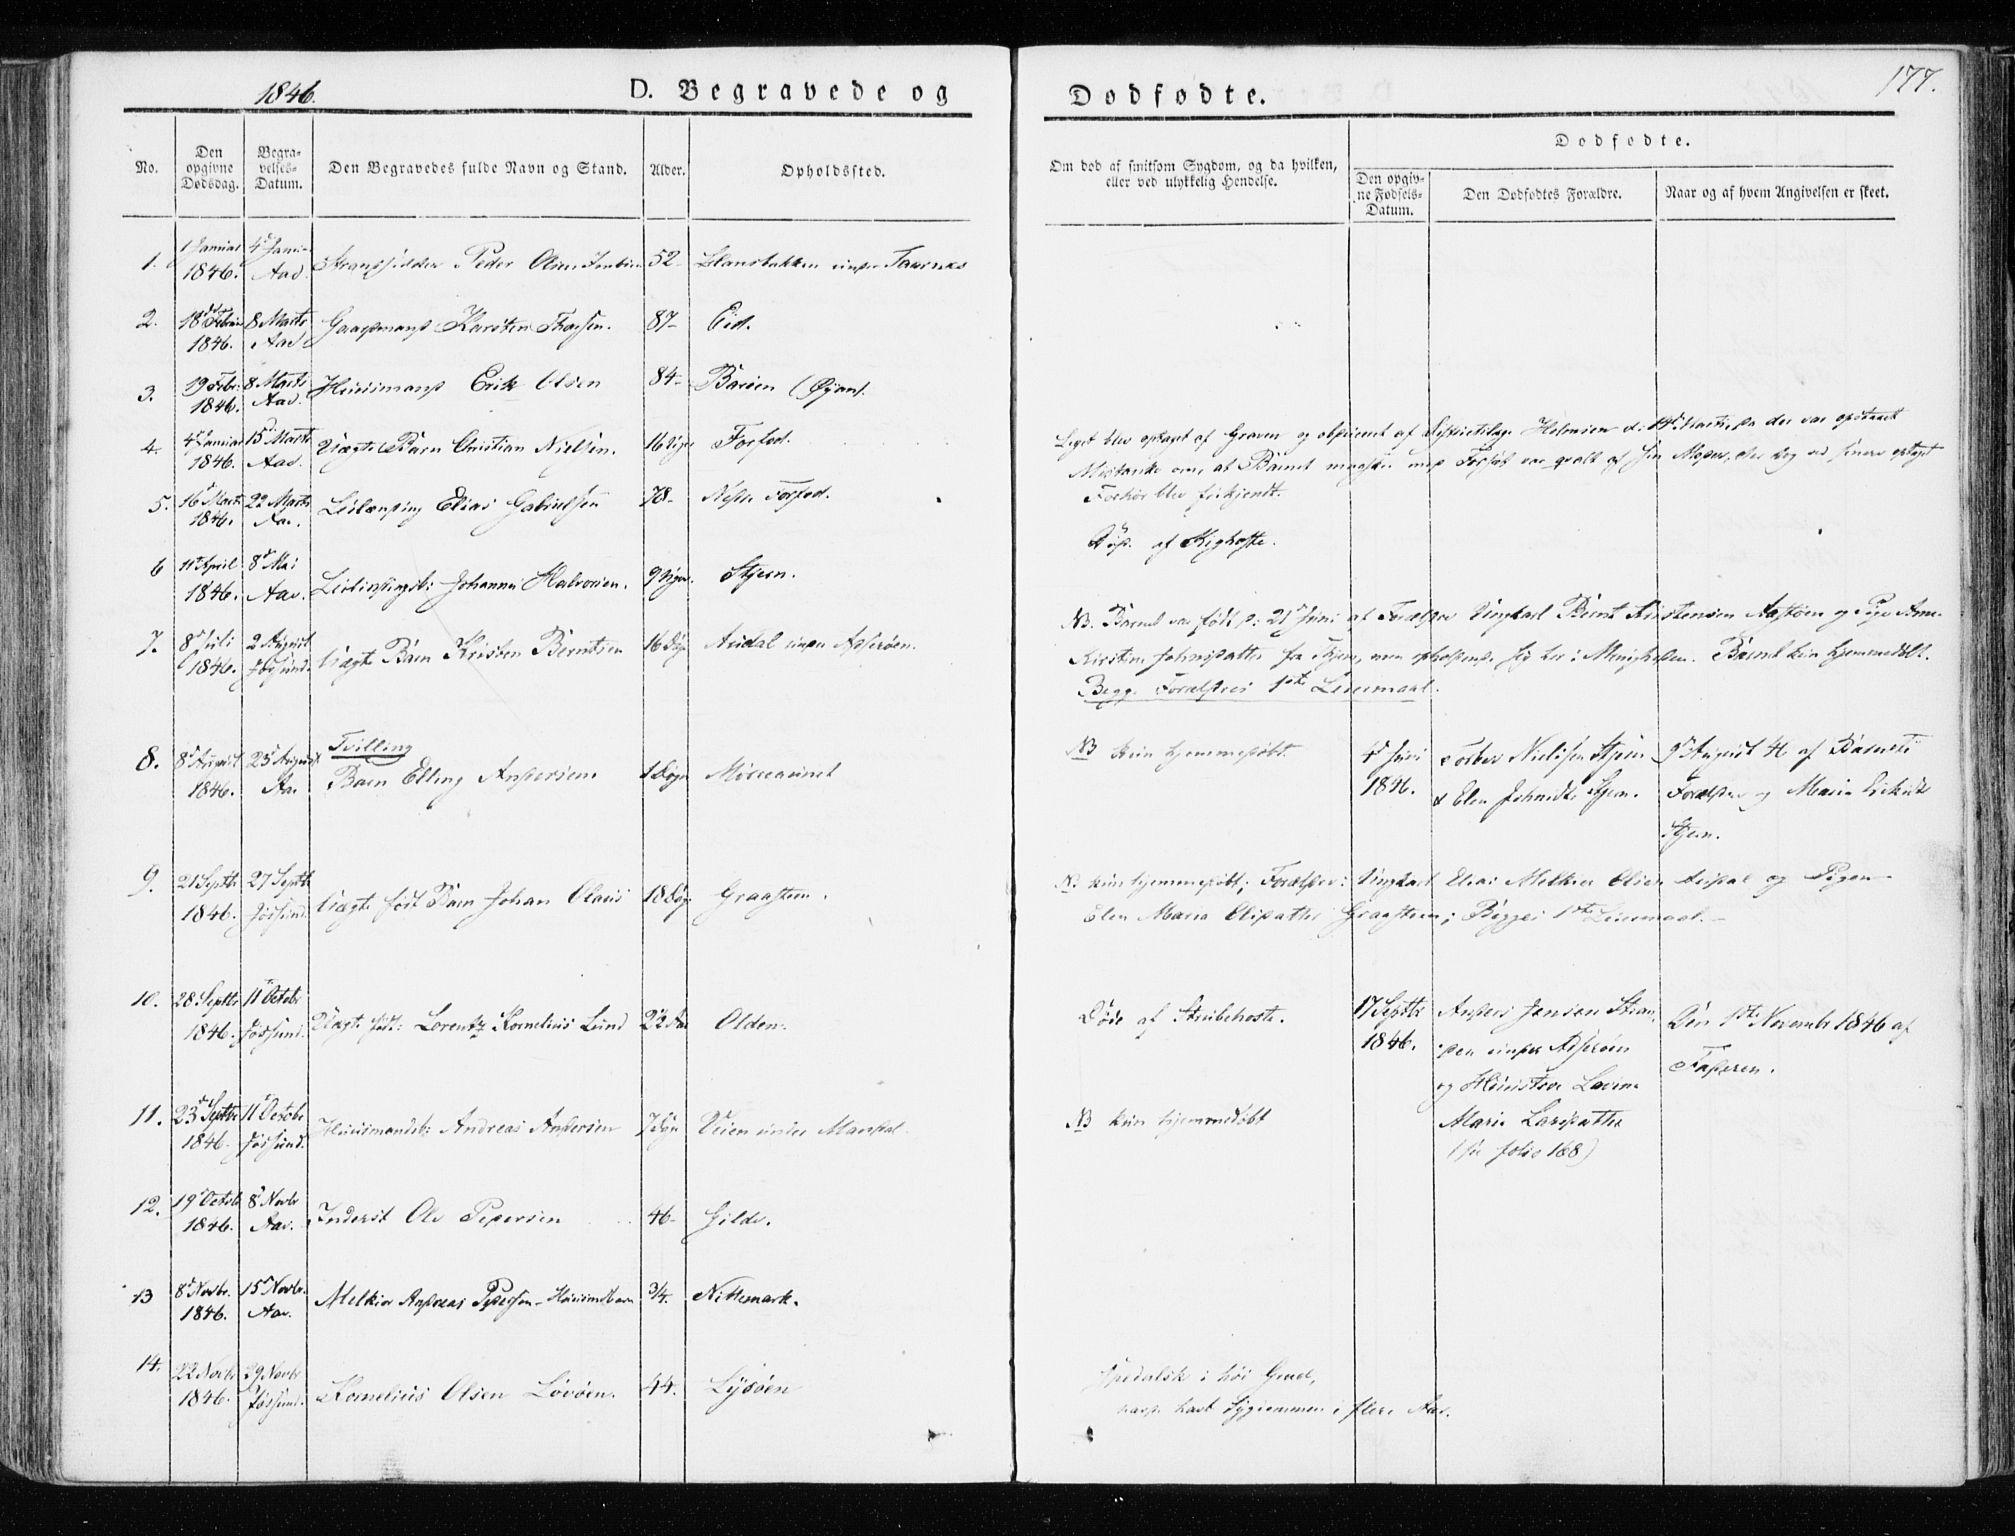 SAT, Ministerialprotokoller, klokkerbøker og fødselsregistre - Sør-Trøndelag, 655/L0676: Ministerialbok nr. 655A05, 1830-1847, s. 177